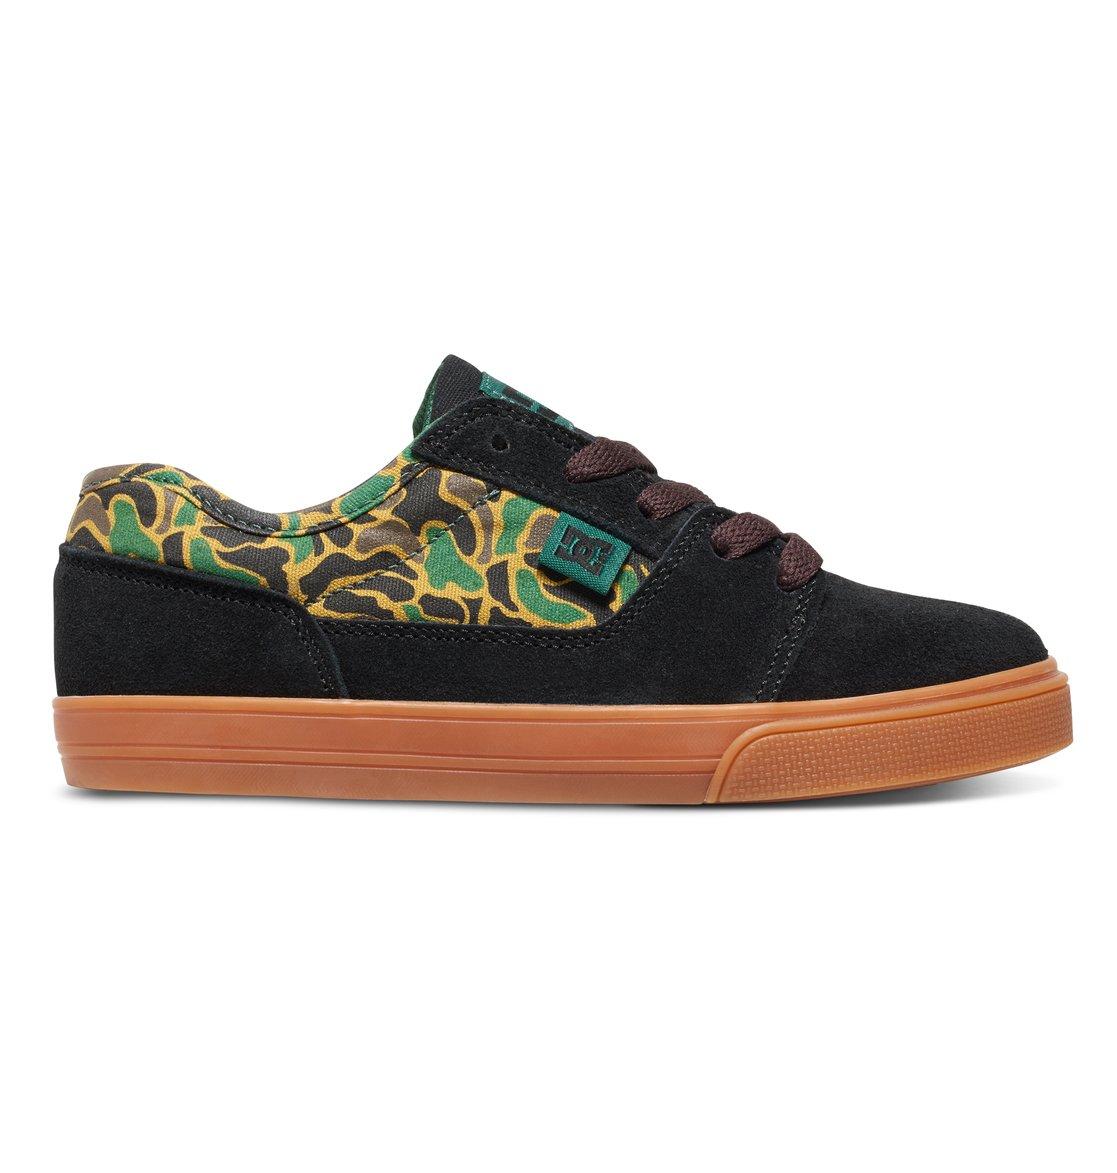 655da91306fc93 0 Tonik SE - Shoes Black ADBS300120 DC Shoes